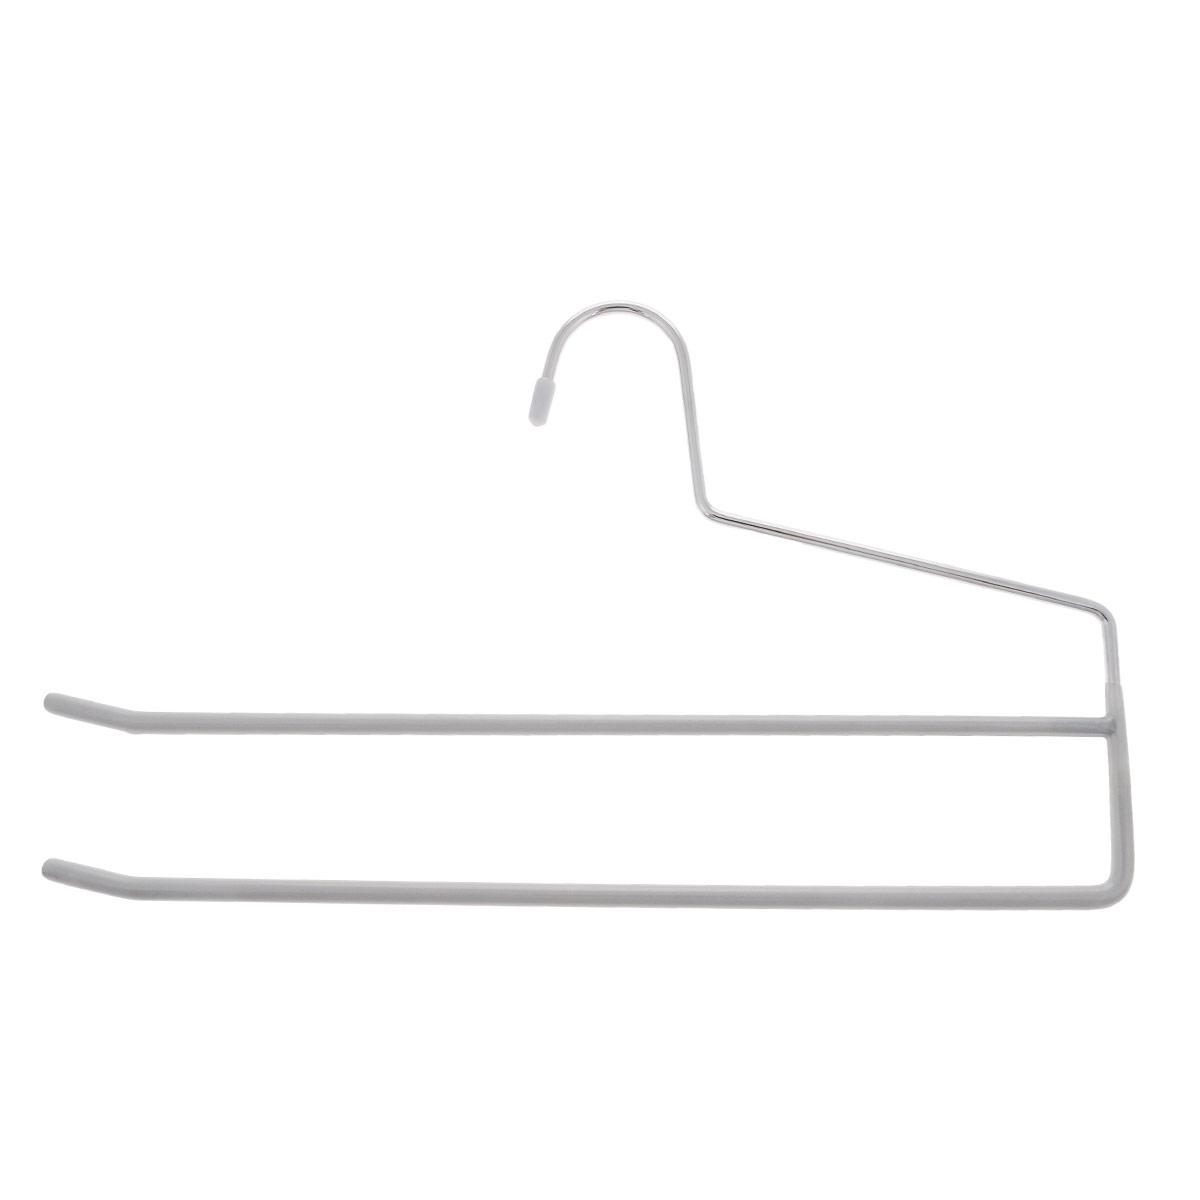 Вешалка для брюк Metaltex, цвет: серый, 2 уровня, длина 34,5 см10503Вешалка для брюк Metaltex, выполненная из металла, представляет собой две перекладины, располагающиеся друг над другом. Каждая перекладина имеет противоскользящее полимерное покрытие.Такая вешалка прекрасно подойдет для подвешивания брюк.Вешалка - это незаменимая вещь для того, чтобы ваша одежда всегда оставалась в хорошем состоянии.